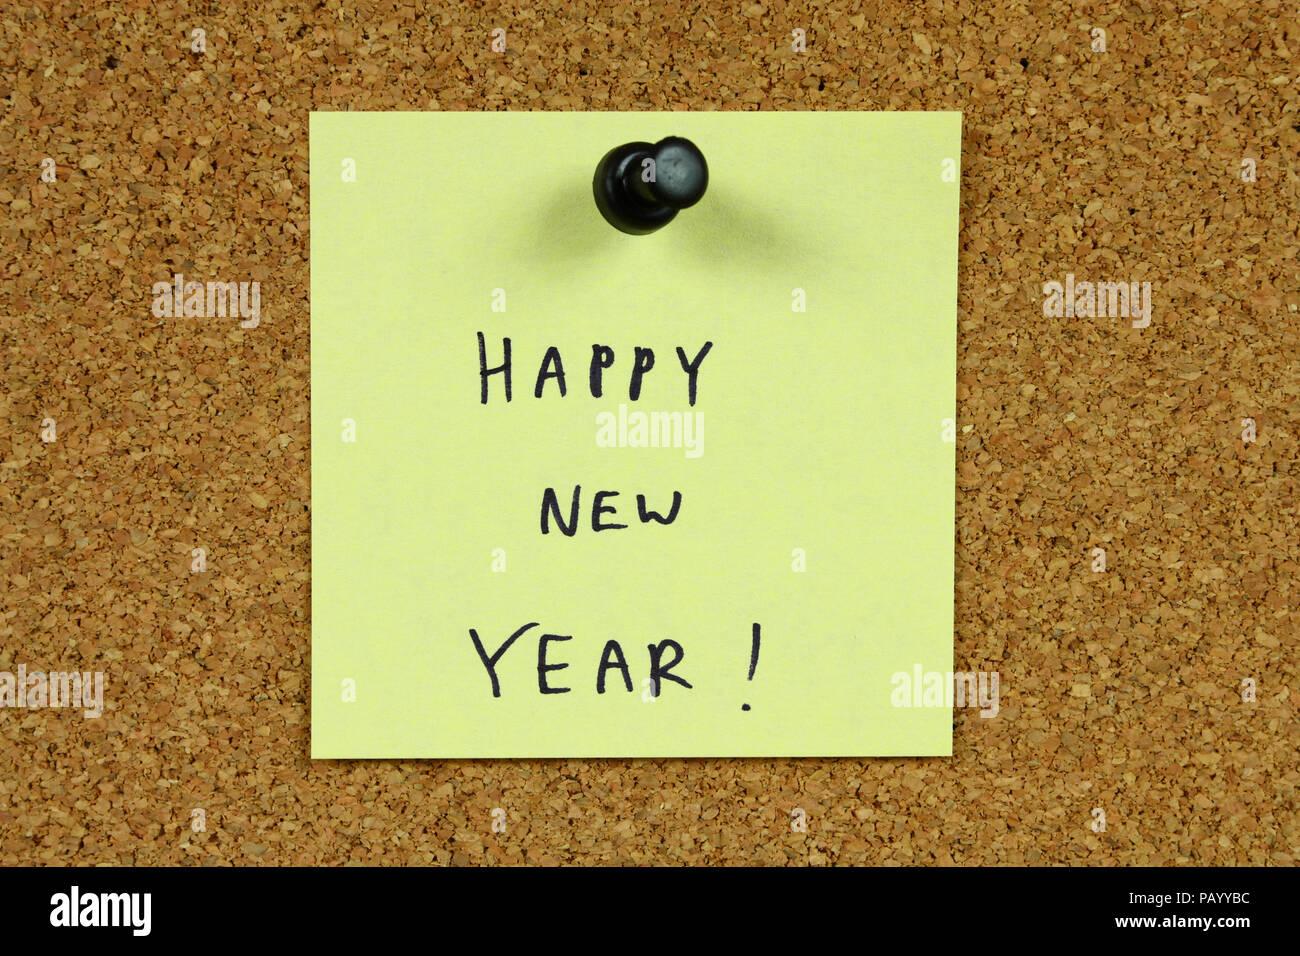 Giallo piccola nota adesiva su un ufficio cork bulletin board. Felice Anno Nuovo! Immagini Stock